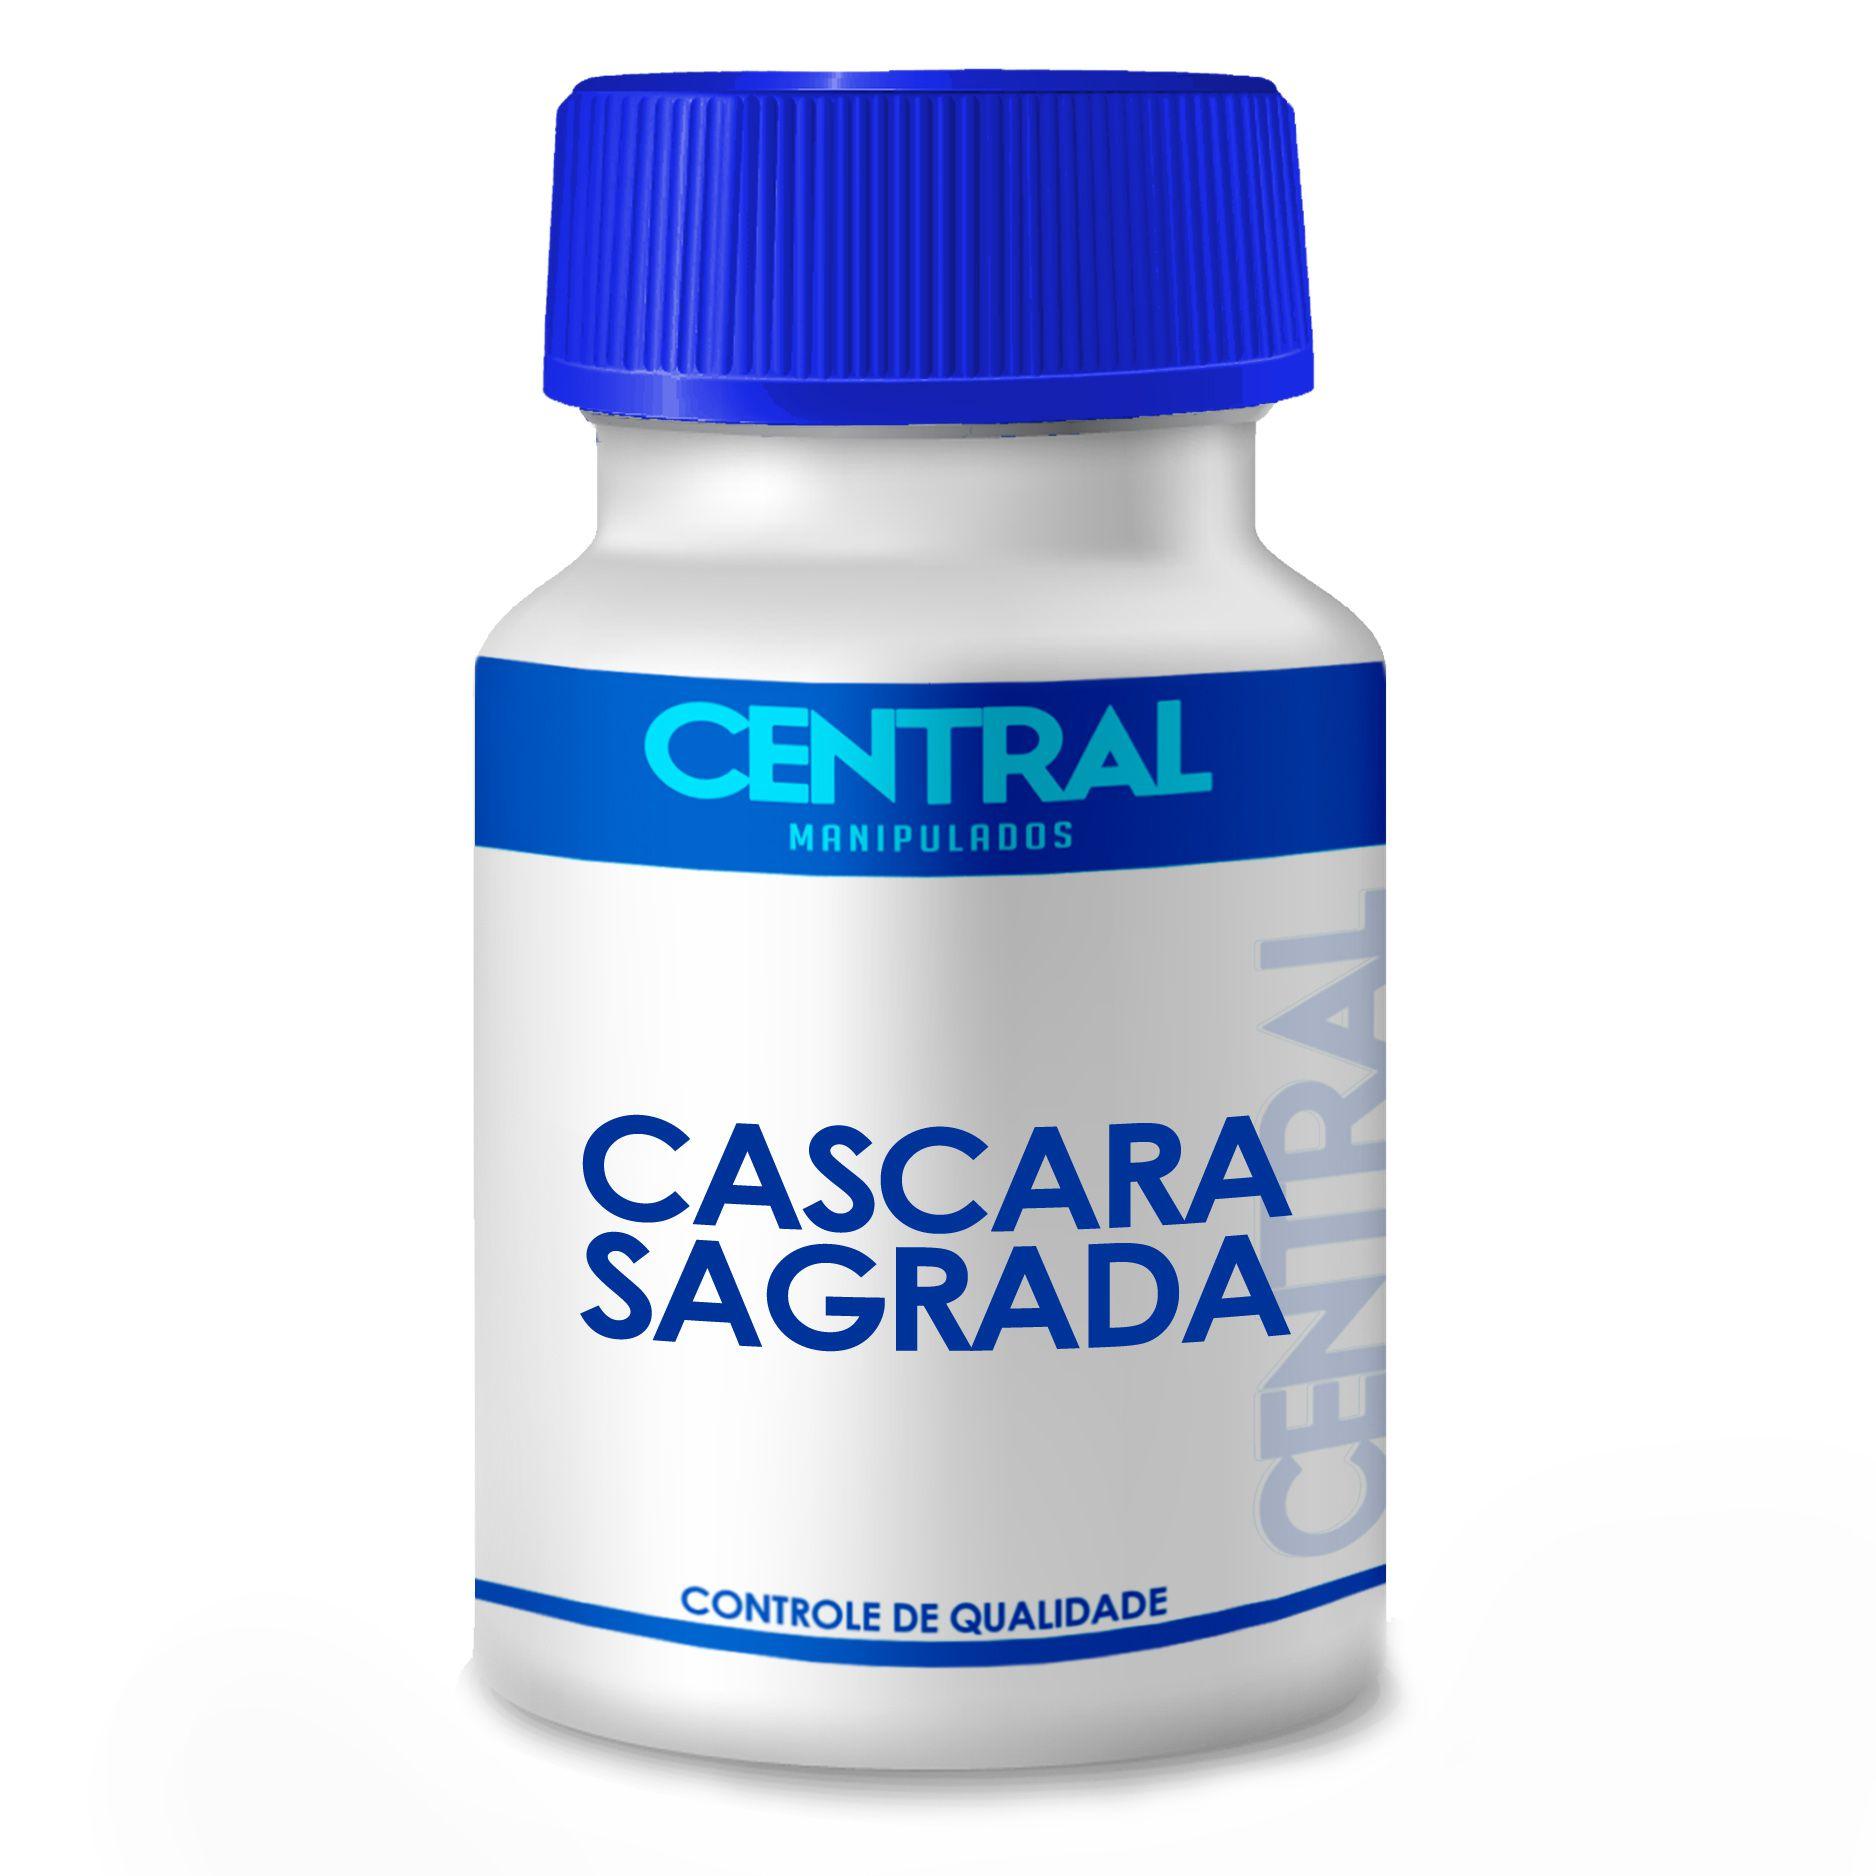 Cascara Sagrada - Melhora o funcionamento intestinal - 75mg 60 cápsulas